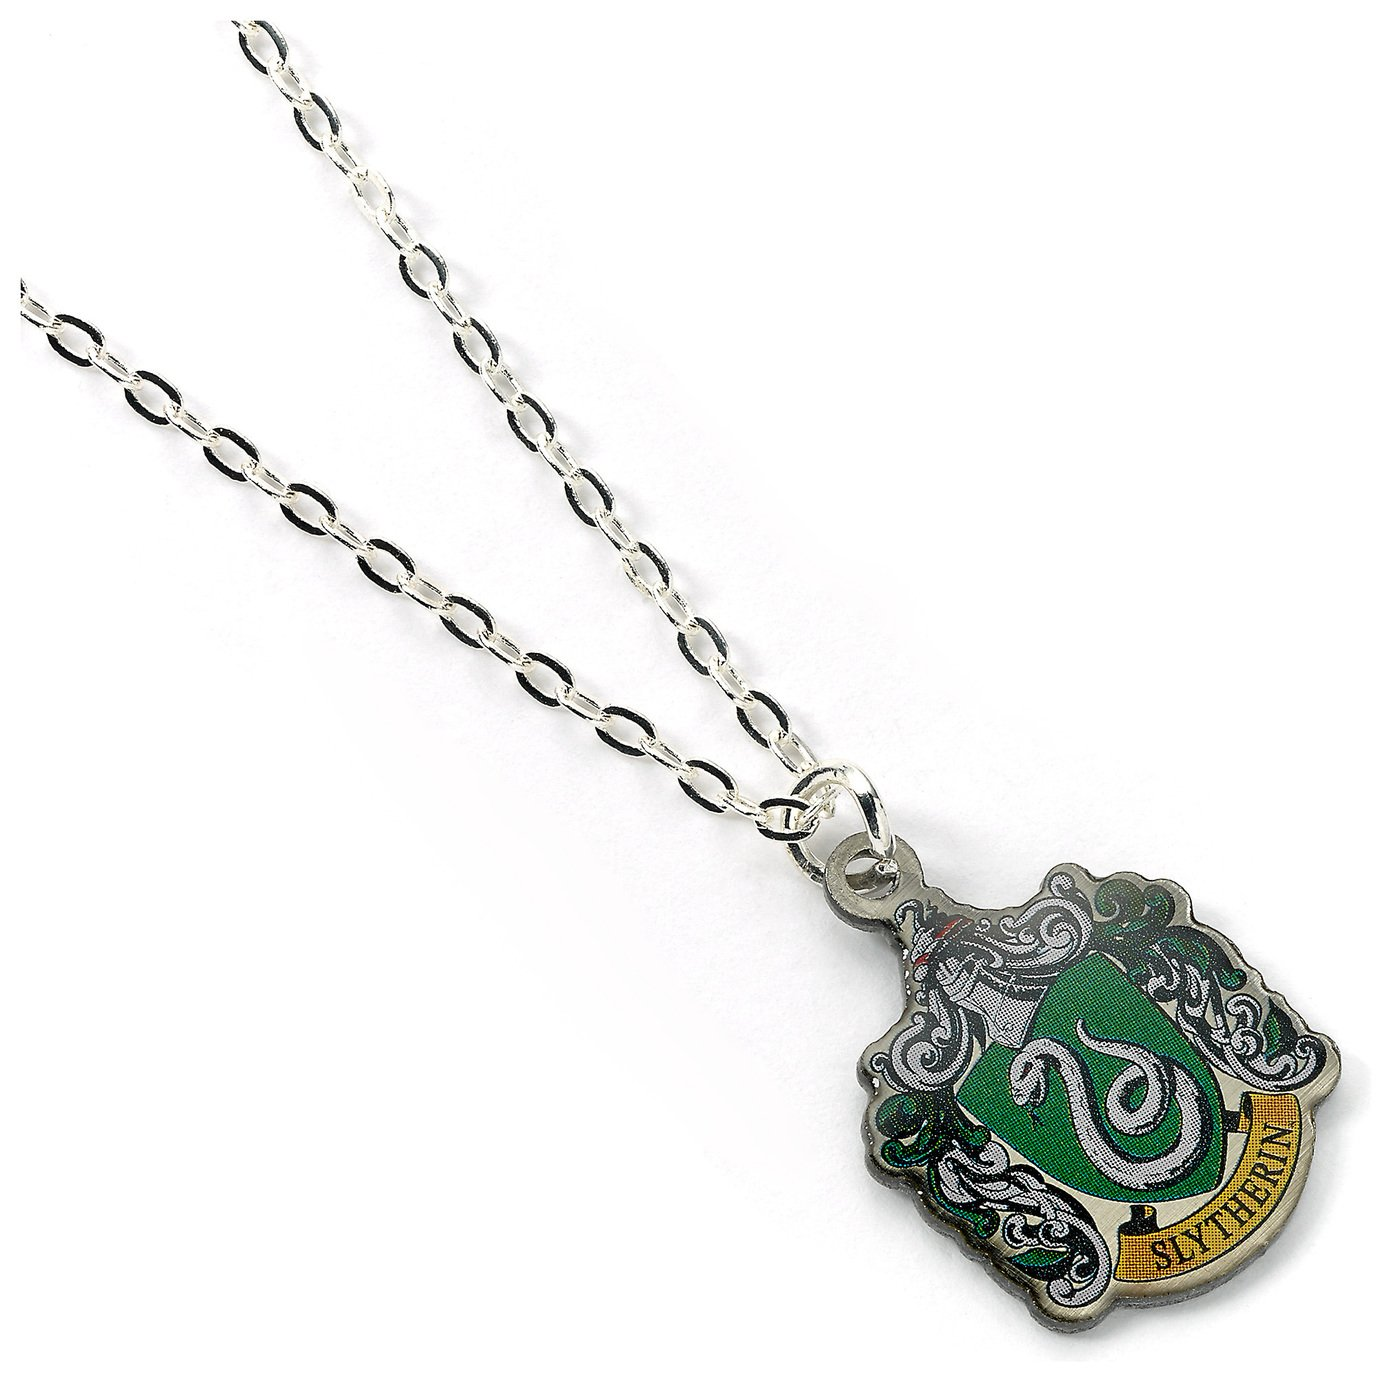 Harry Potter Slytherin Crest Pendant